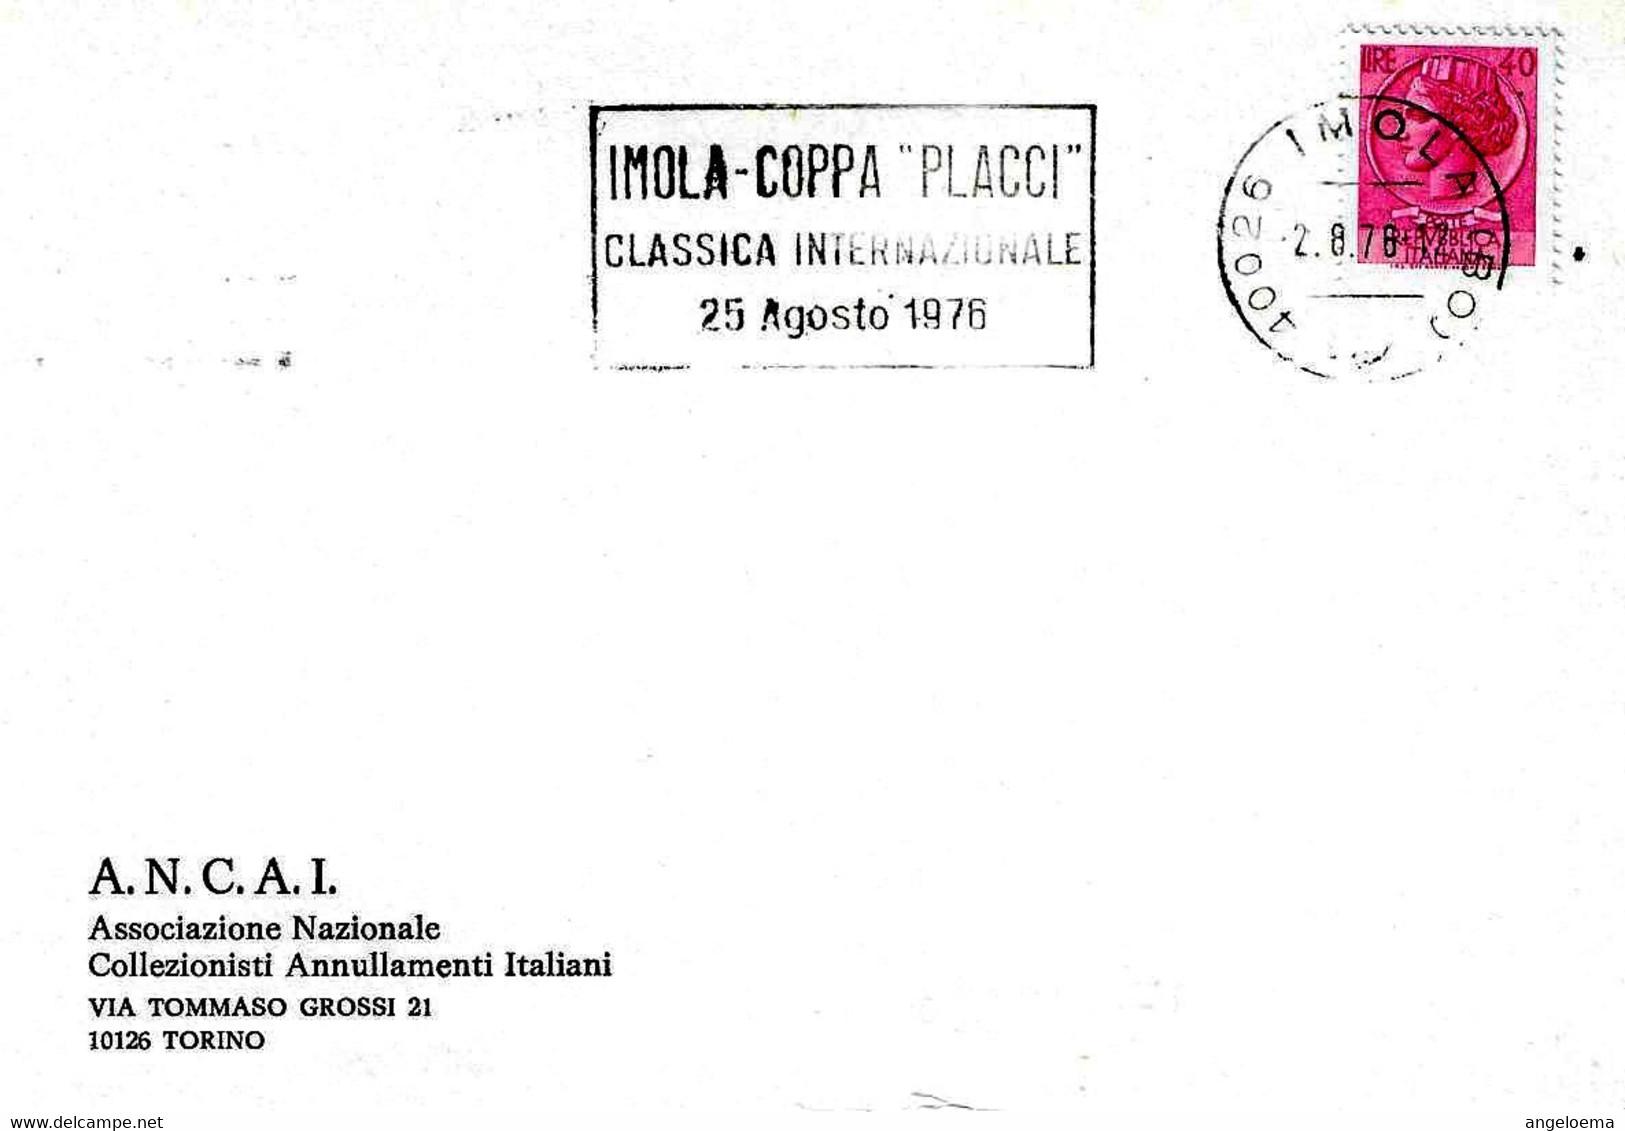 ITALIA - I976 IMOLA (BO) COPPA PLACCI Classica Internazionale Di Ciclismo Annullo Meccanico A Targhetta - Ciclismo